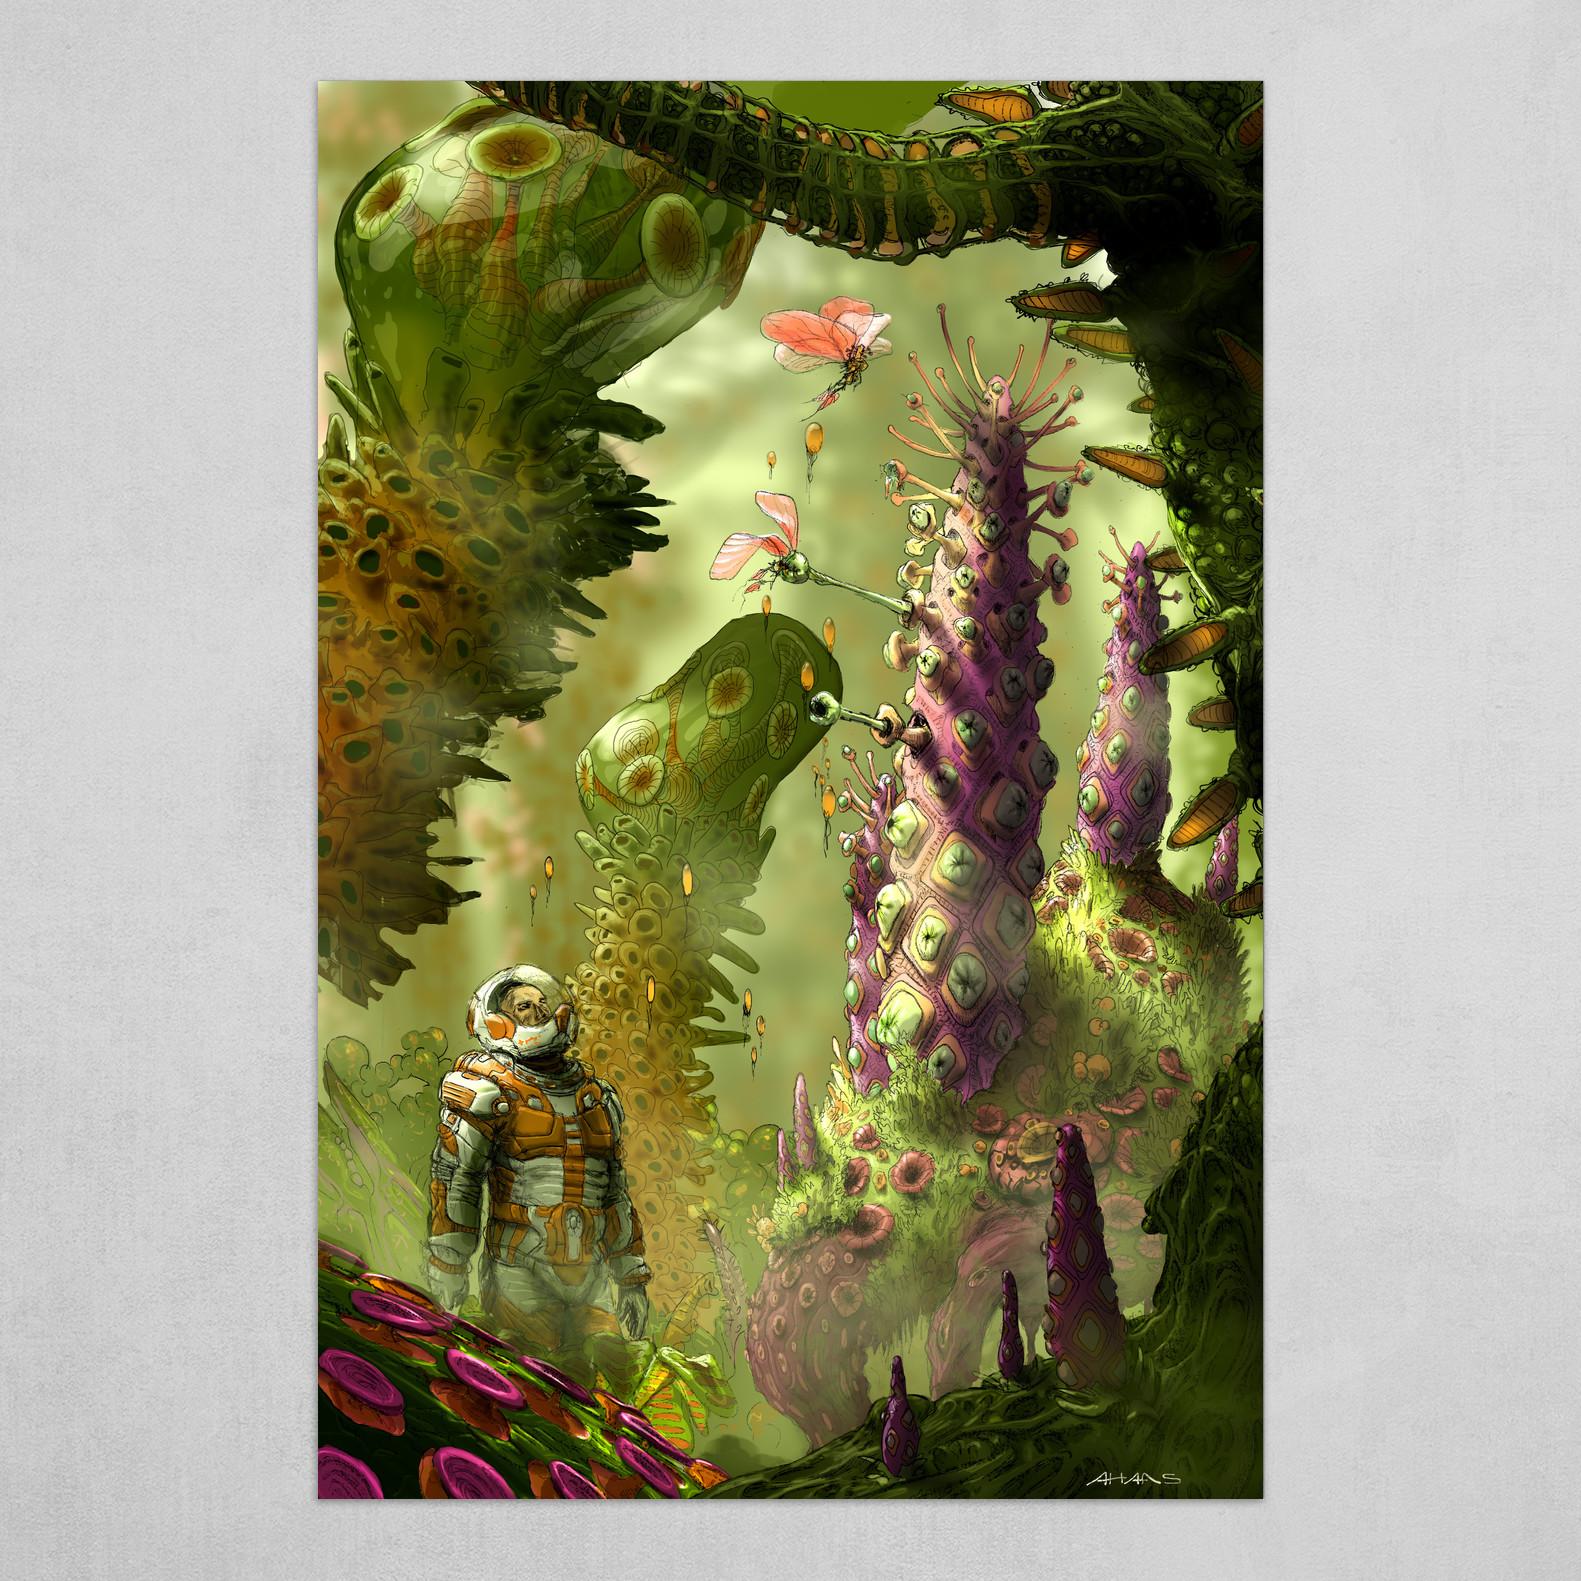 Jungleman II